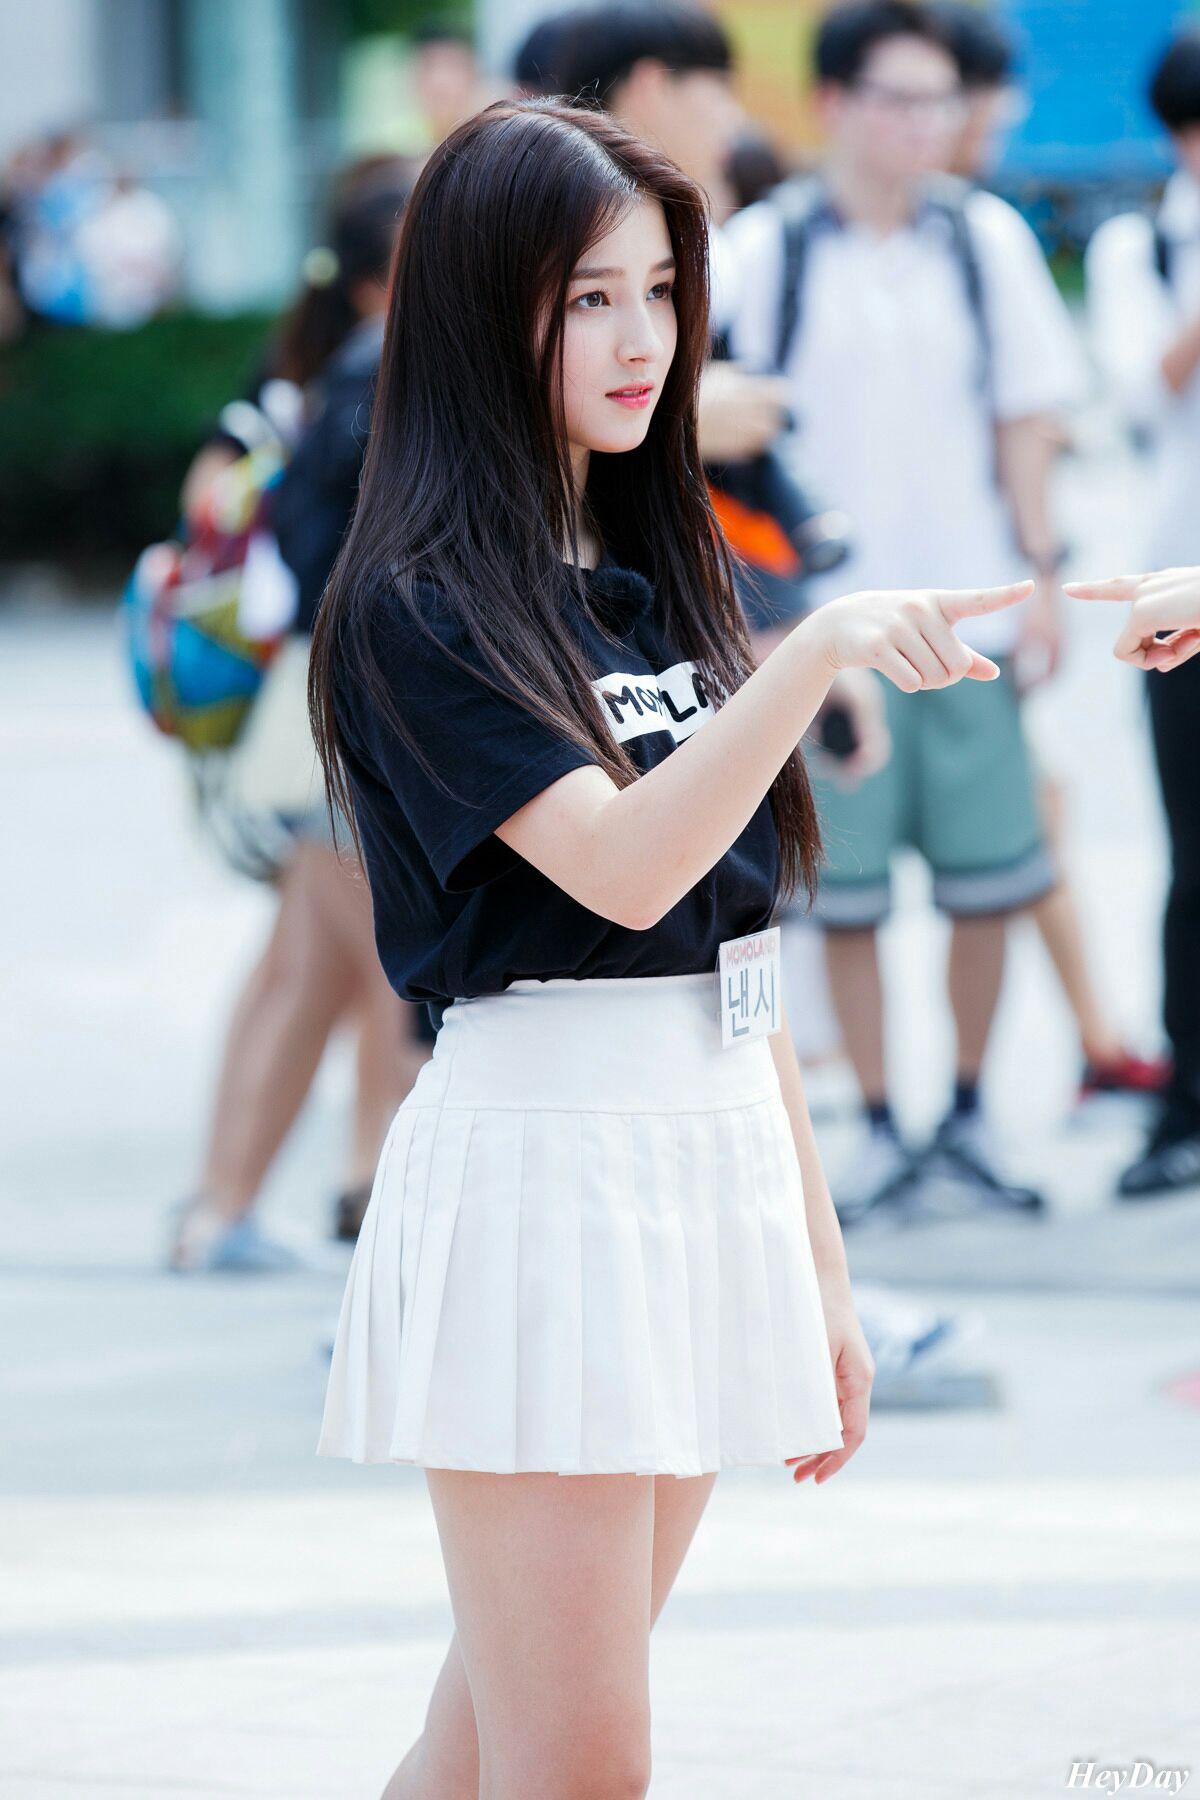 nu than kpop 4